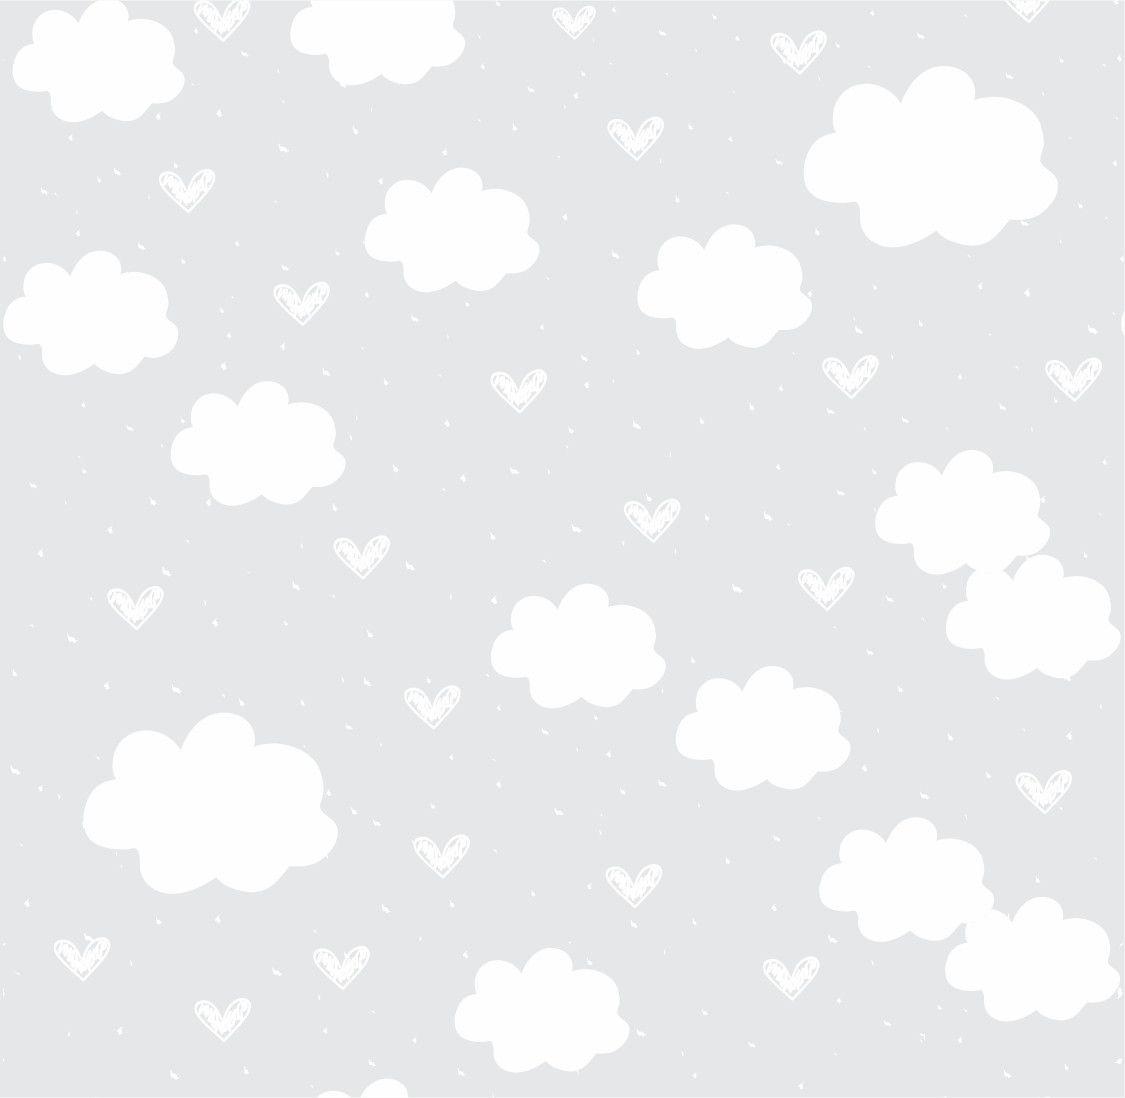 Papel de Parede Nuvens 68D96D